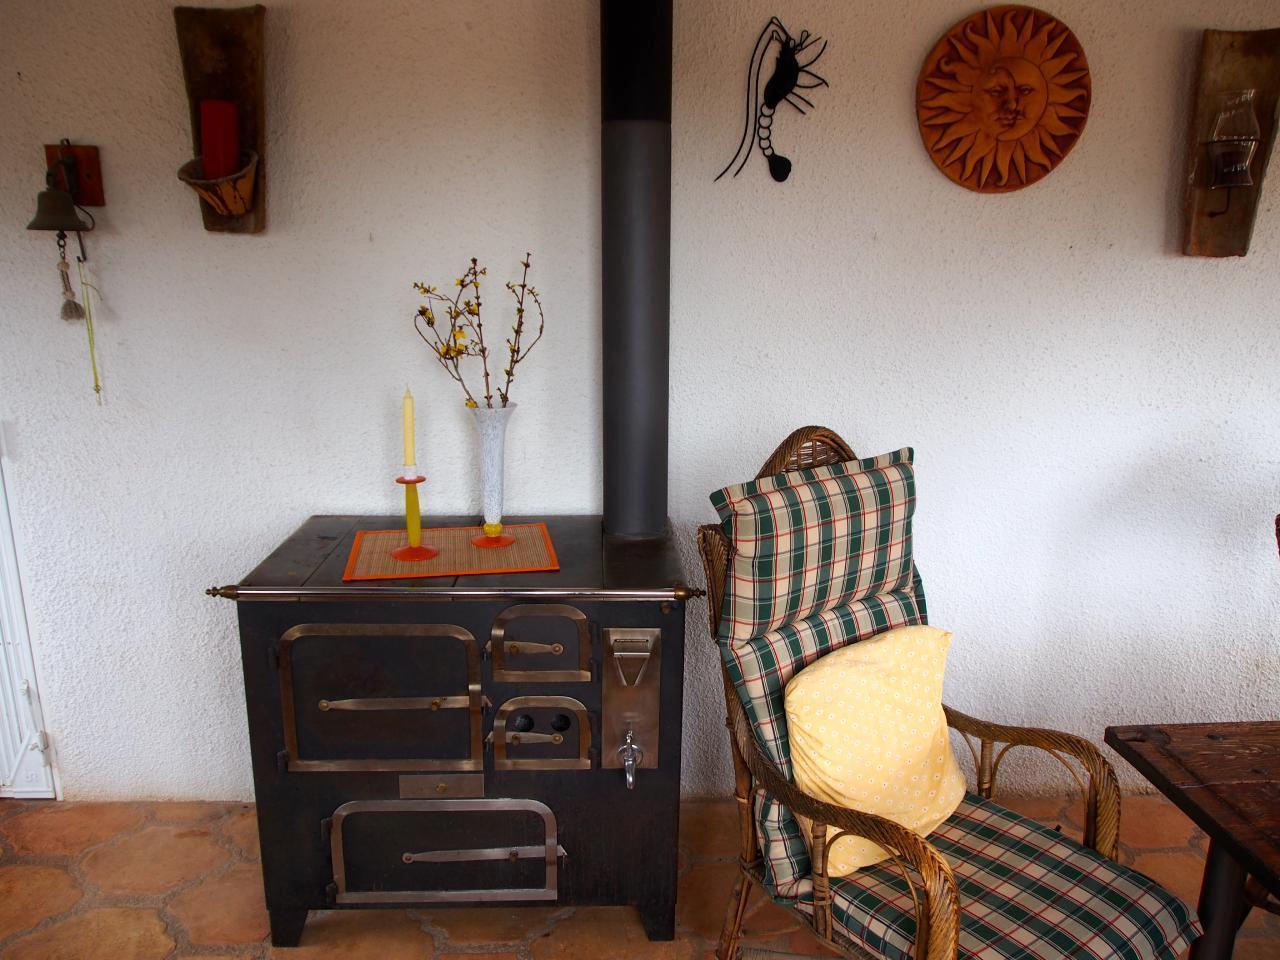 Ferienwohnung in charmantem Landgasthaus (1584575), L'Ametlla de Mar, Costa Dorada, Katalonien, Spanien, Bild 10